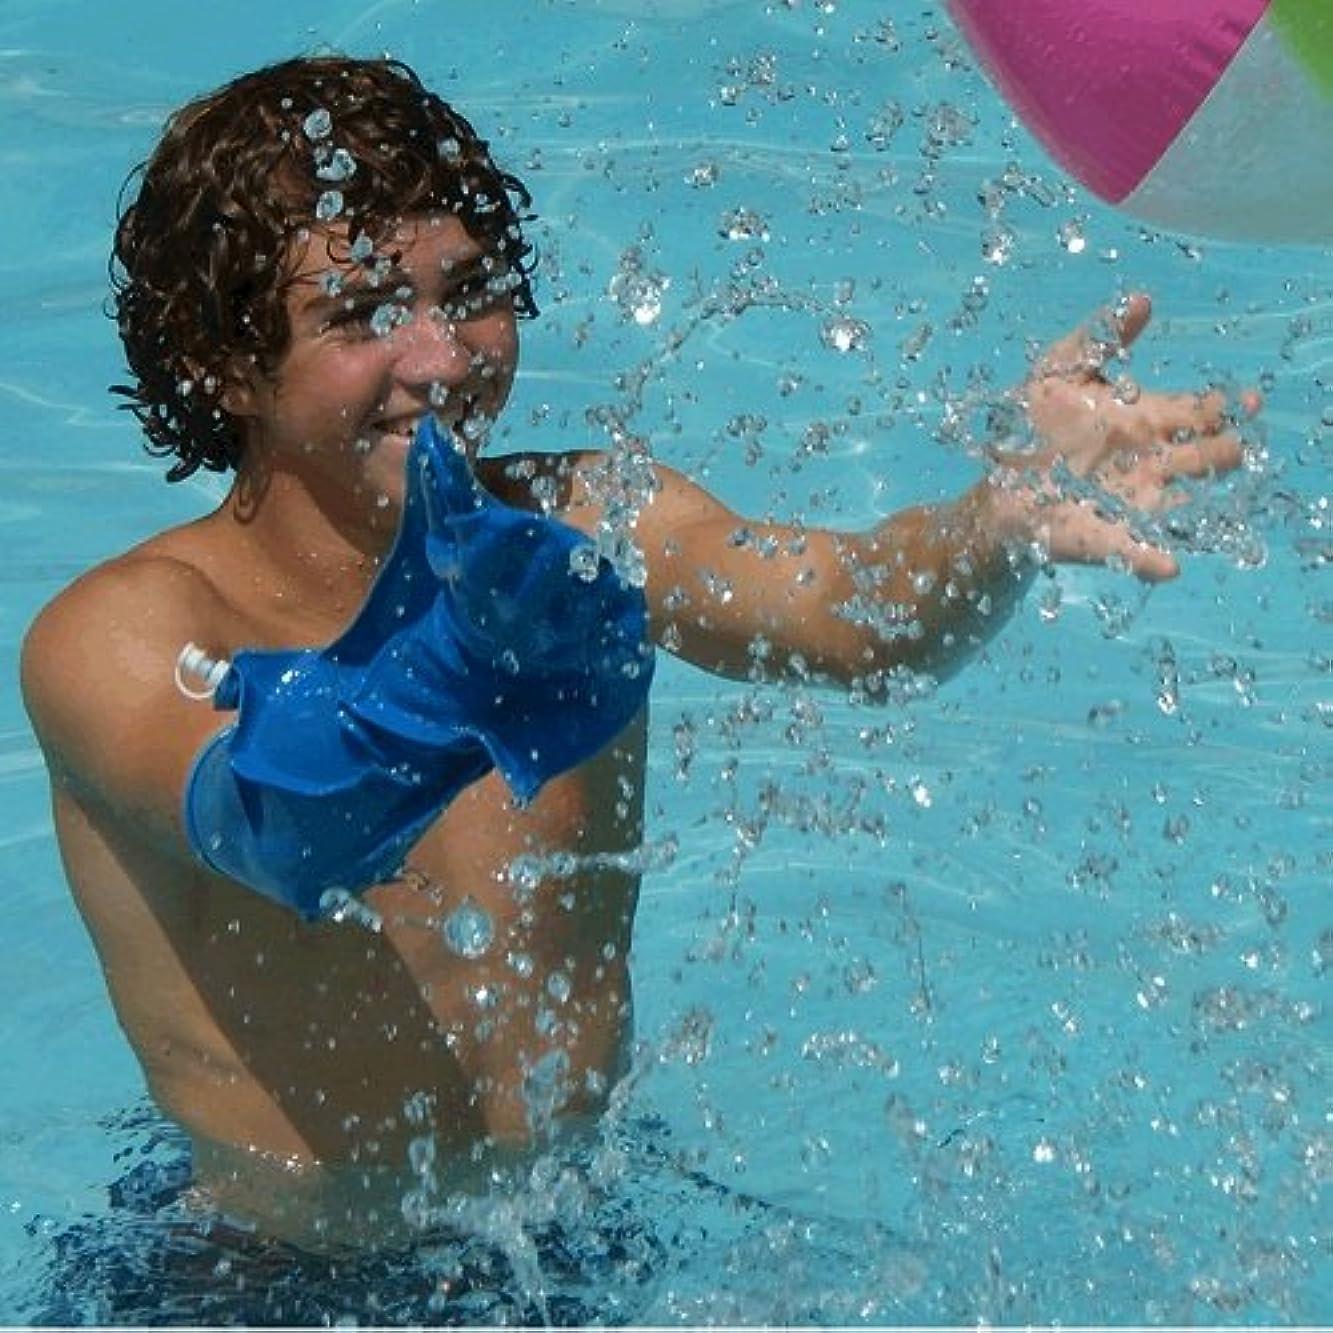 チャームスラックシーボード【骨折】【ギプス】 ドライプロ 腕用防水カバー:ハーフサイズ (L)